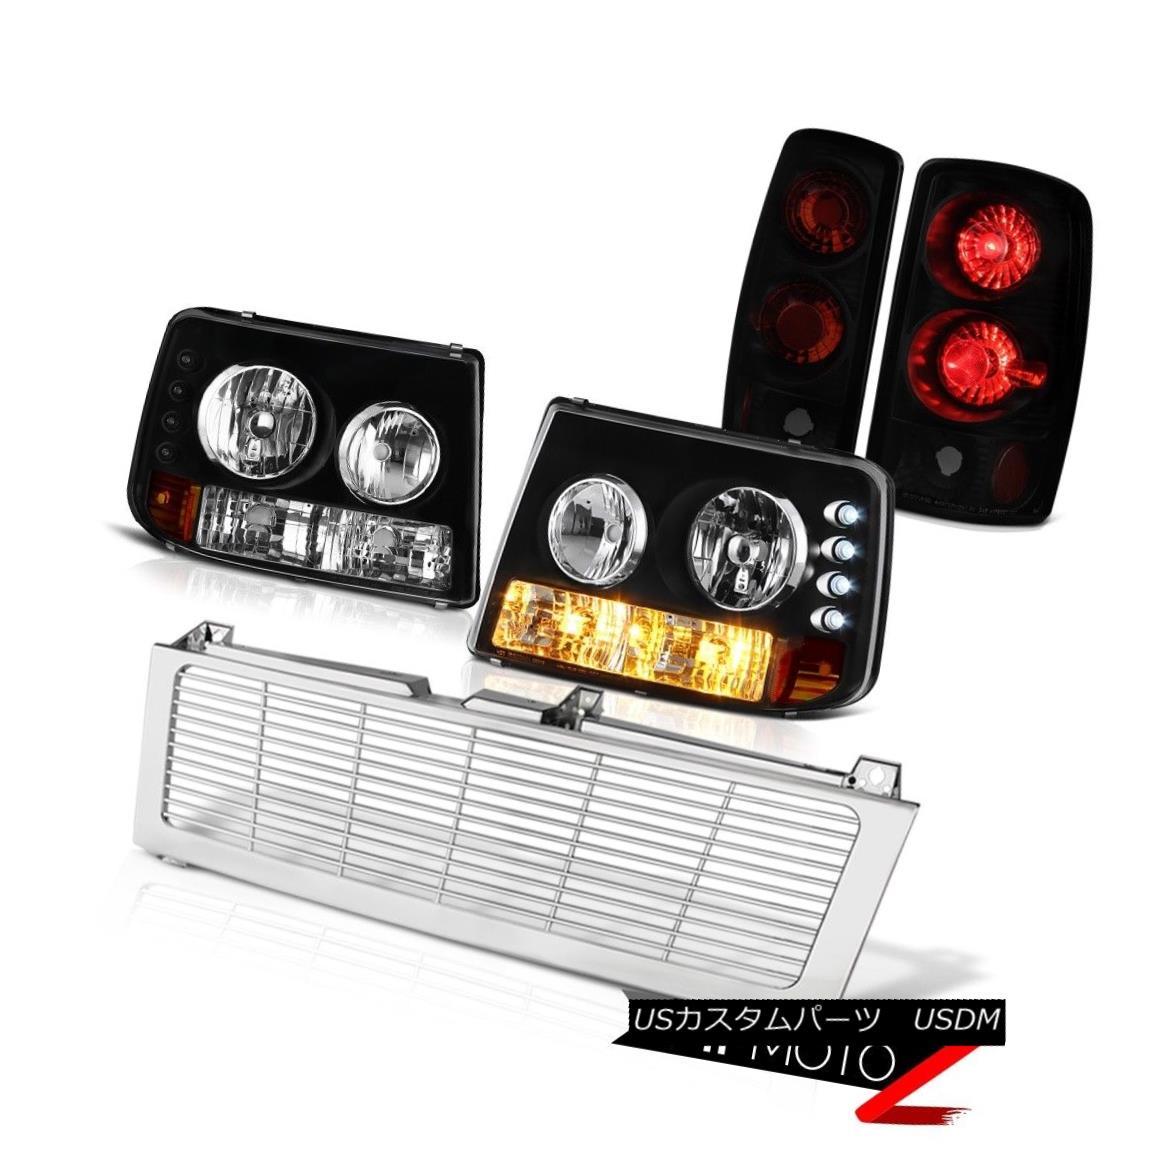 テールライト 00-06 Tahoe Z71 Bumper Headlights Sinister Black Brake Tail Lights Chrome Grille 00-06タホZ71バンパーヘッドライトシニスターブラックブレーキテールライトクロームグリル